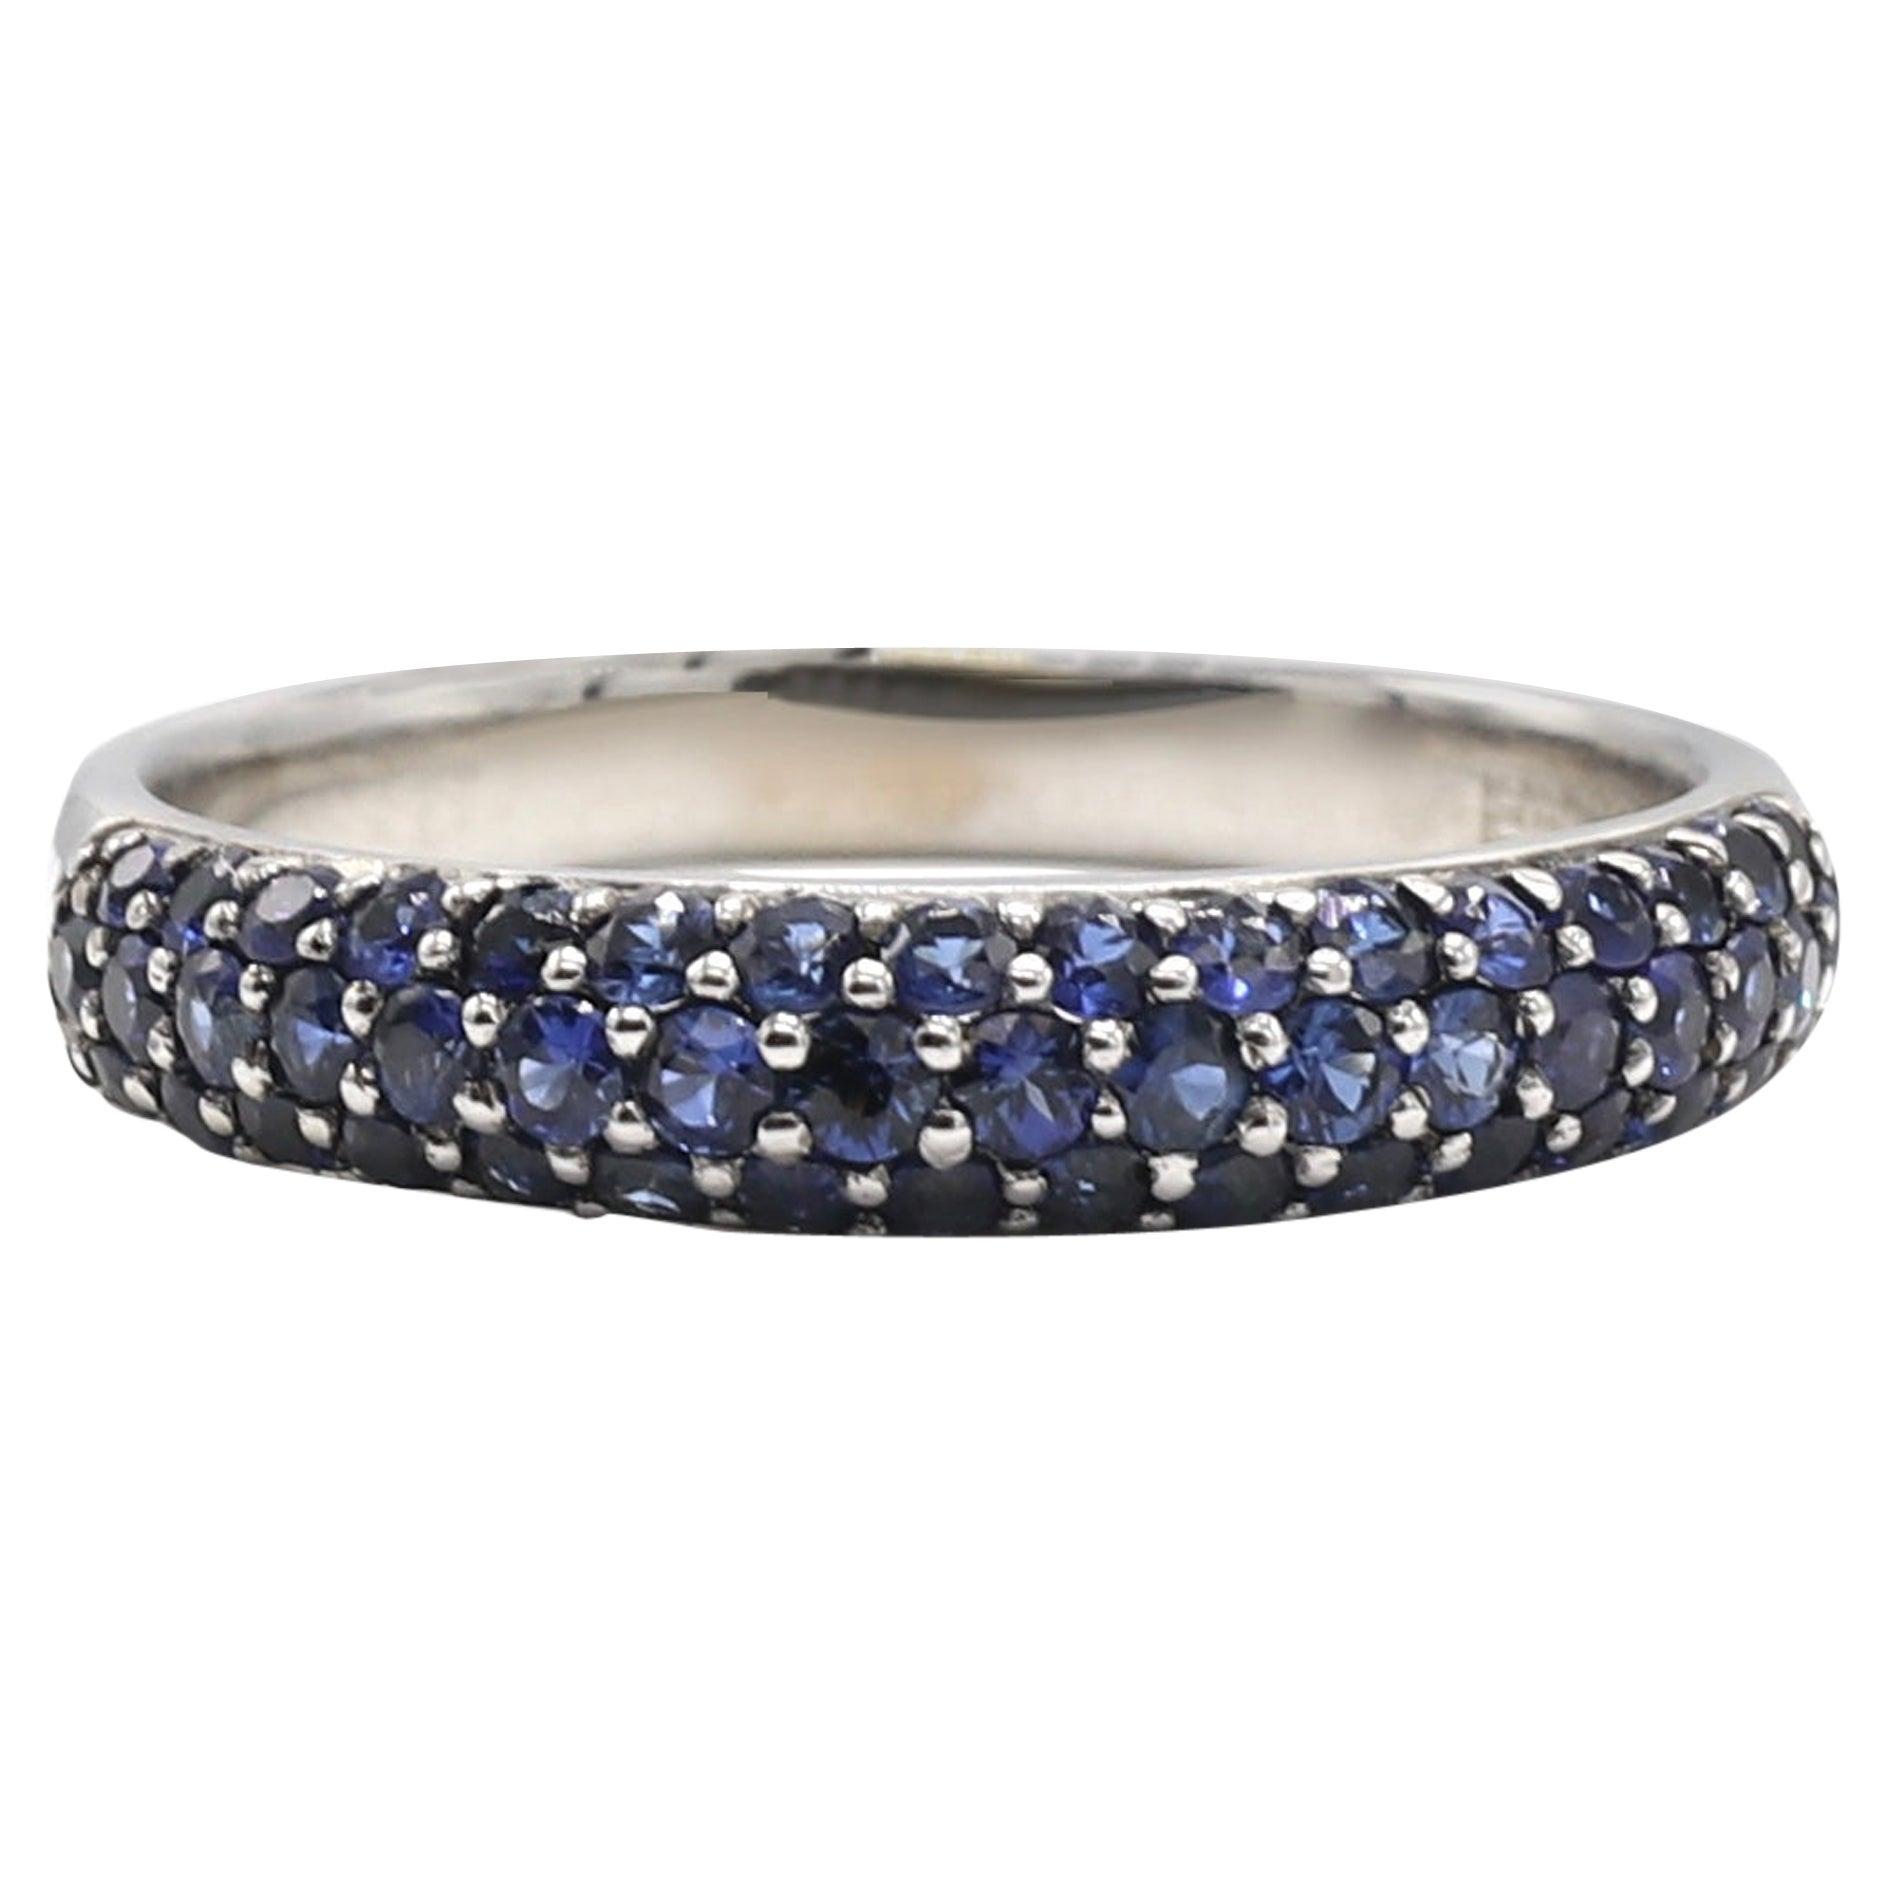 EFFY 14 Karat White Gold Pave Blue Sapphire 0.50 Carat Band Ring